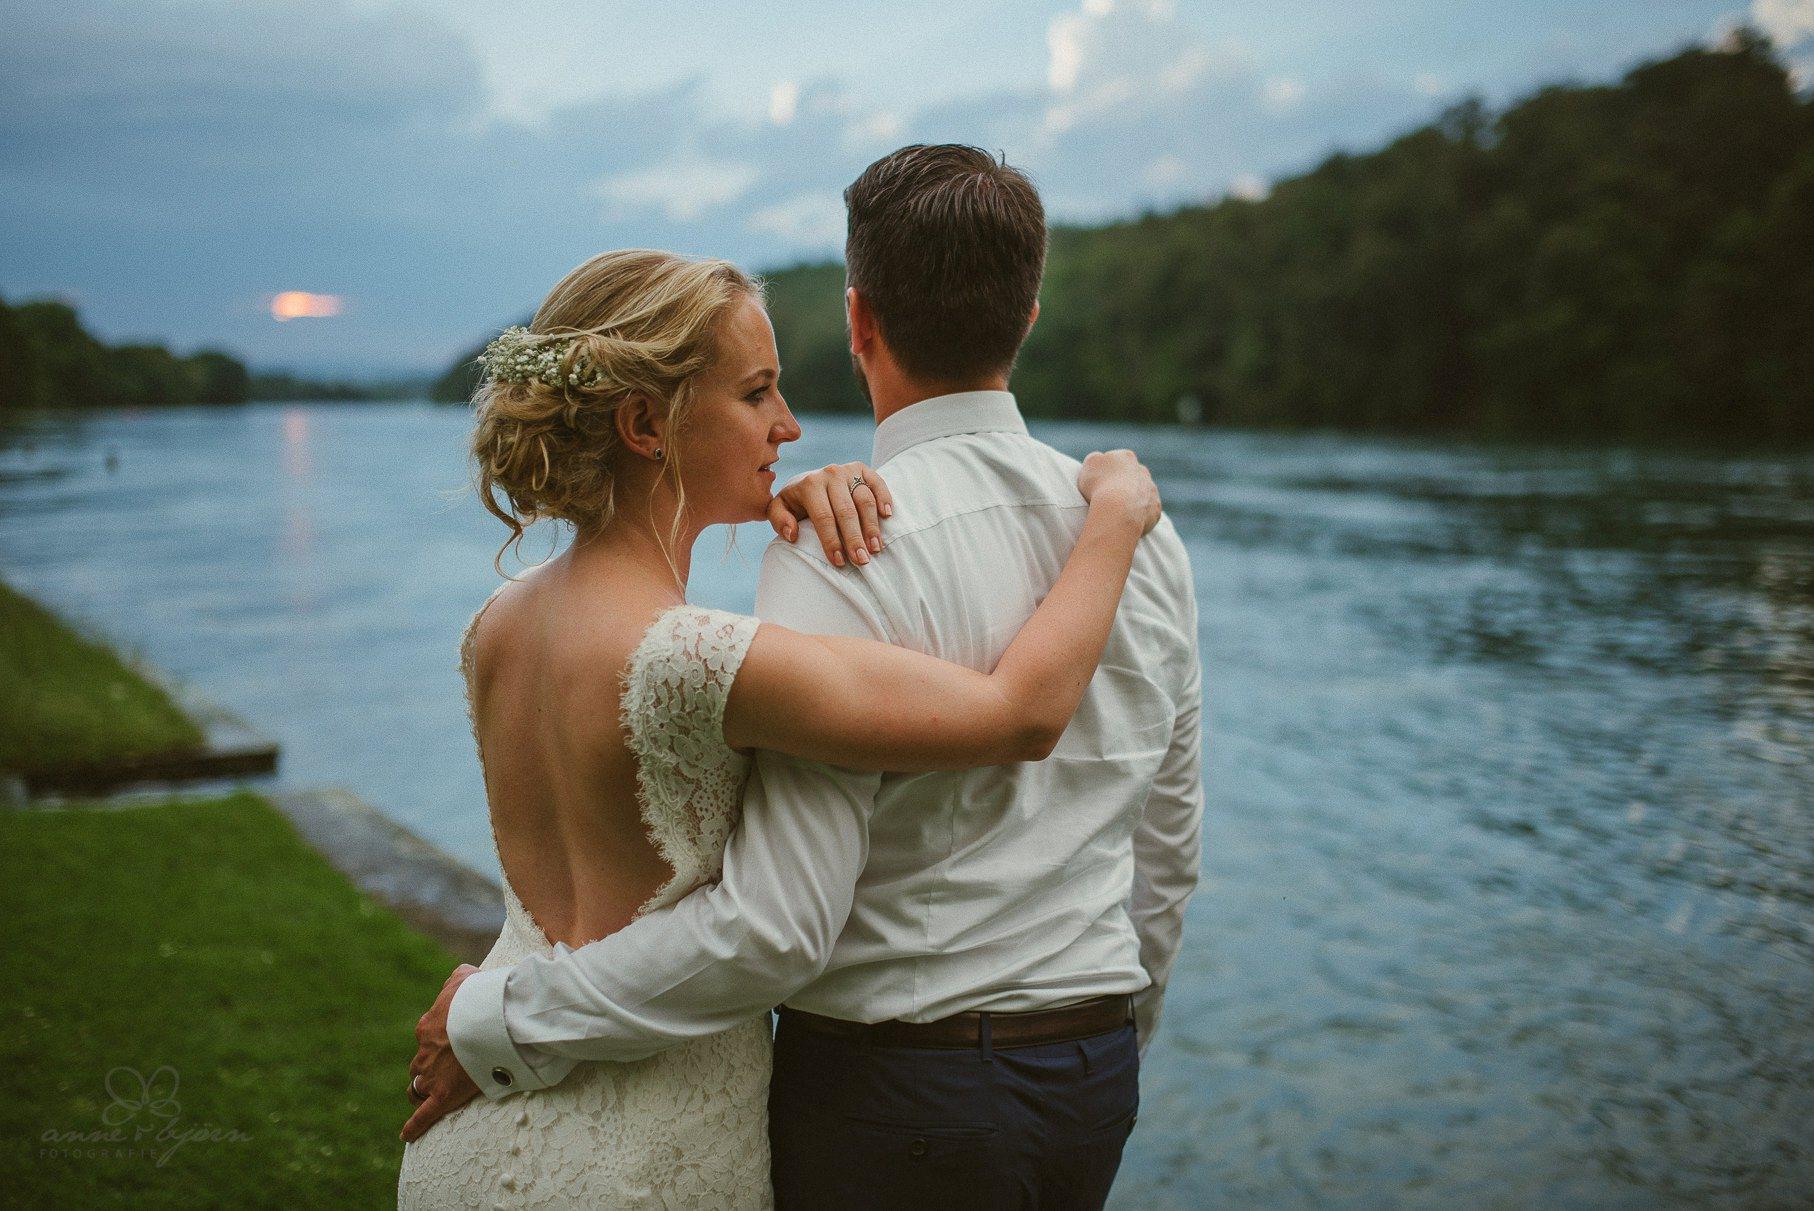 0125 anne und bjoern hochzeit schweiz d75 2031 - DIY Hochzeit in der Schweiz - Sabrina & Christoph